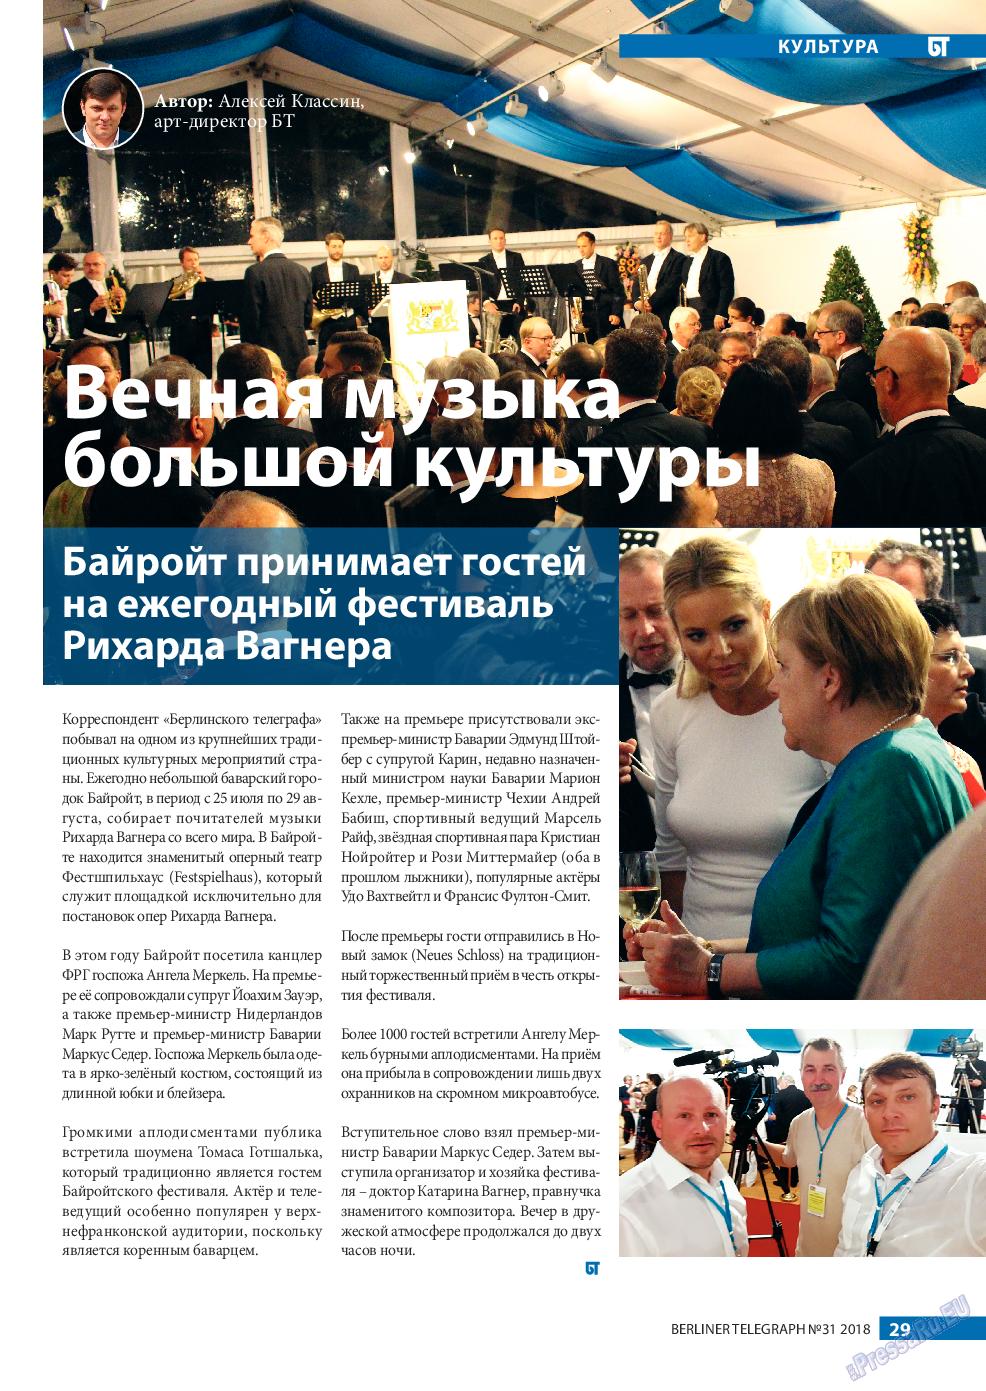 Берлинский телеграф (журнал). 2018 год, номер 31, стр. 29